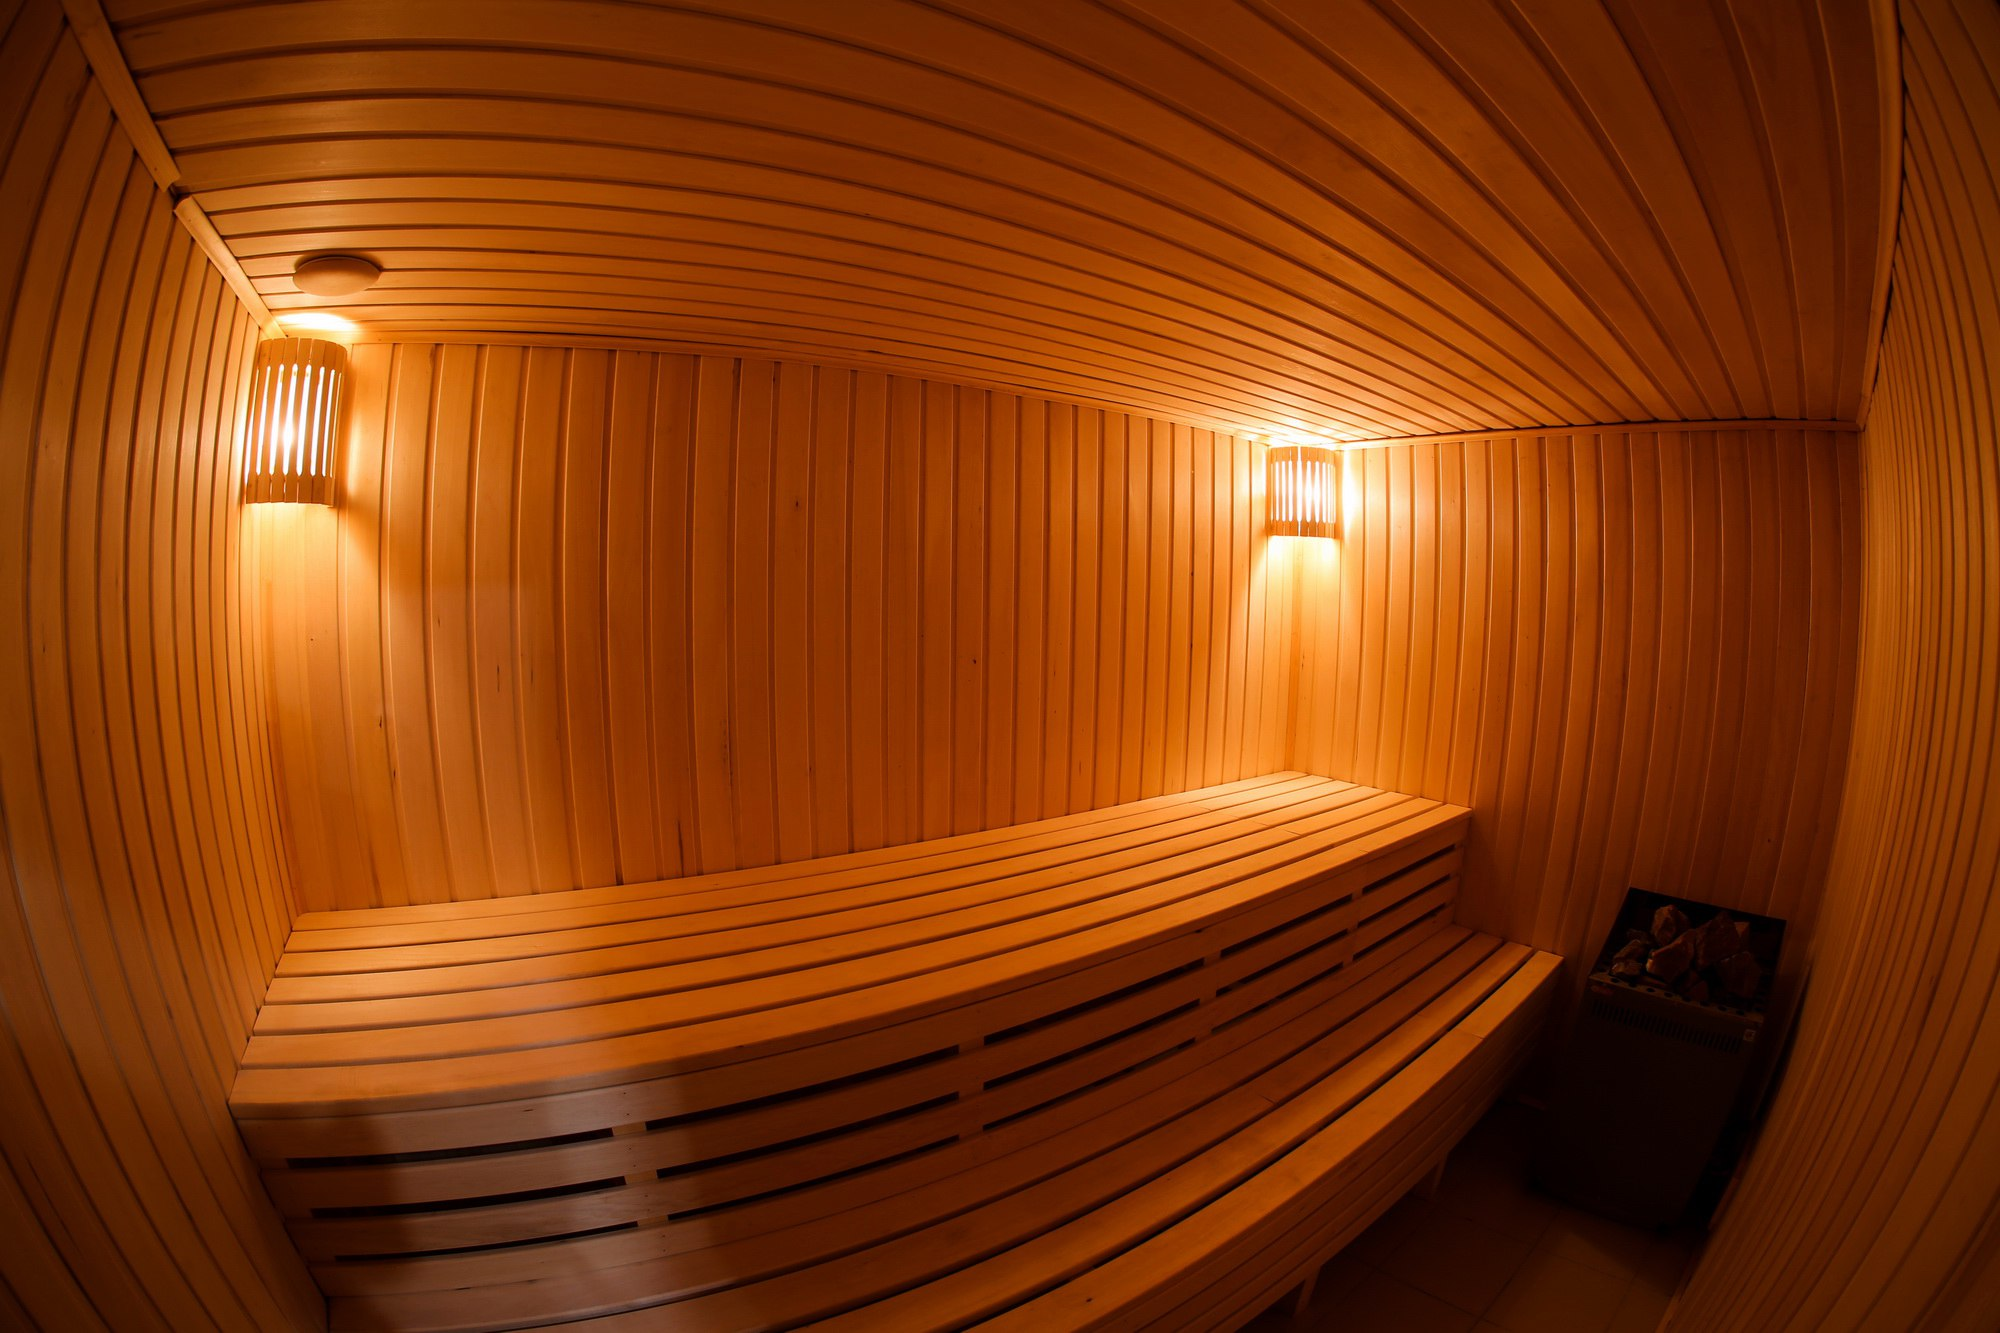 Банный комплекс Горка красная в Пензе, описание, фотографии, цены.